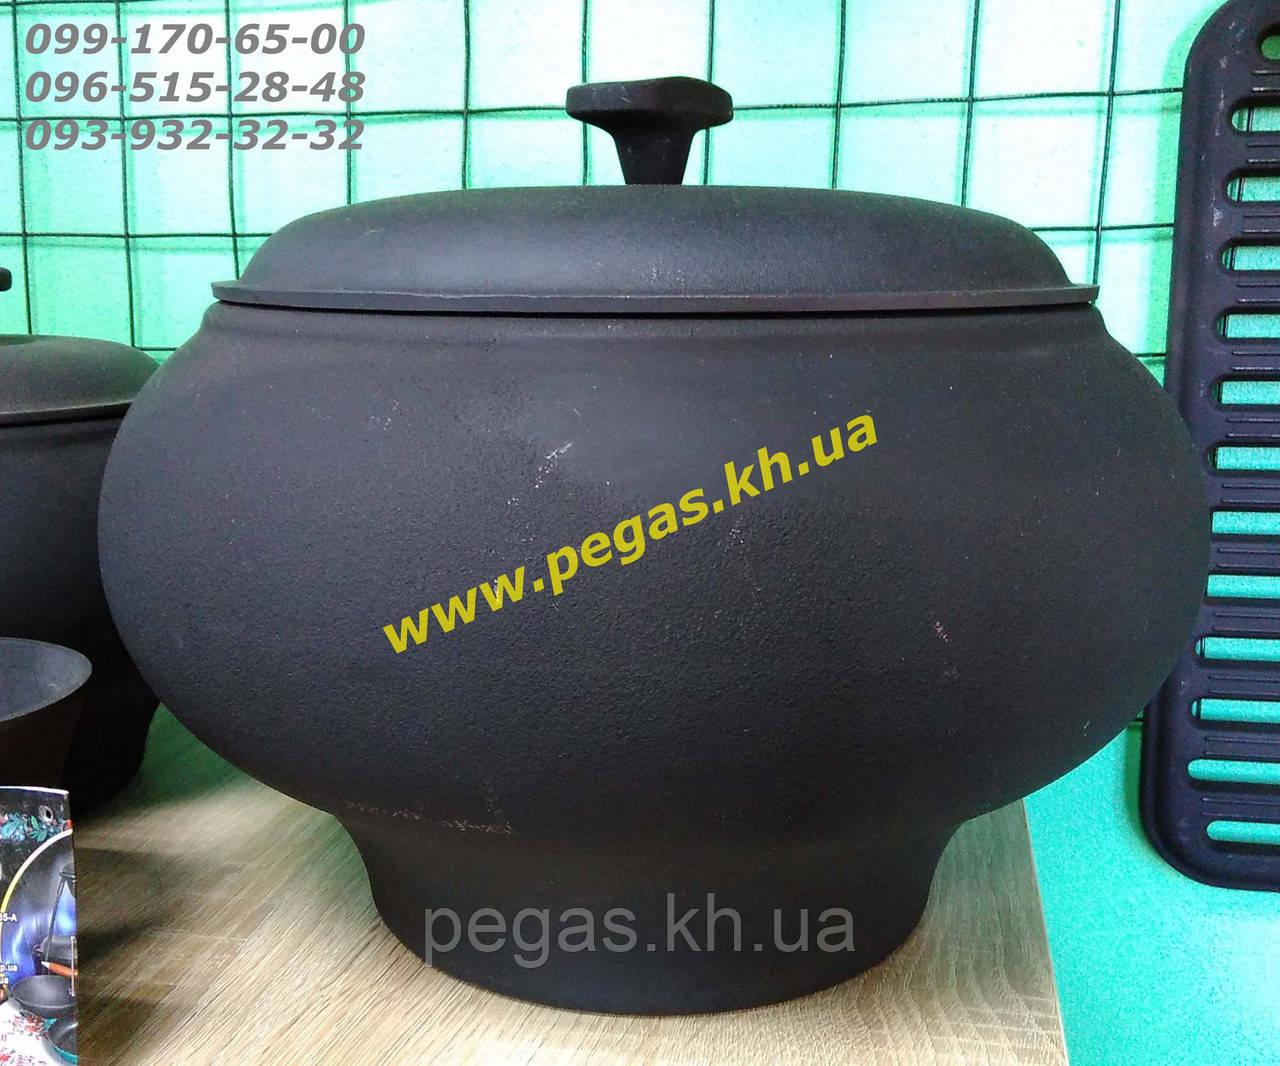 Горшок чугунок чугунный печной с чугунной крышкой (9 литров) печи, барбекю, мангал